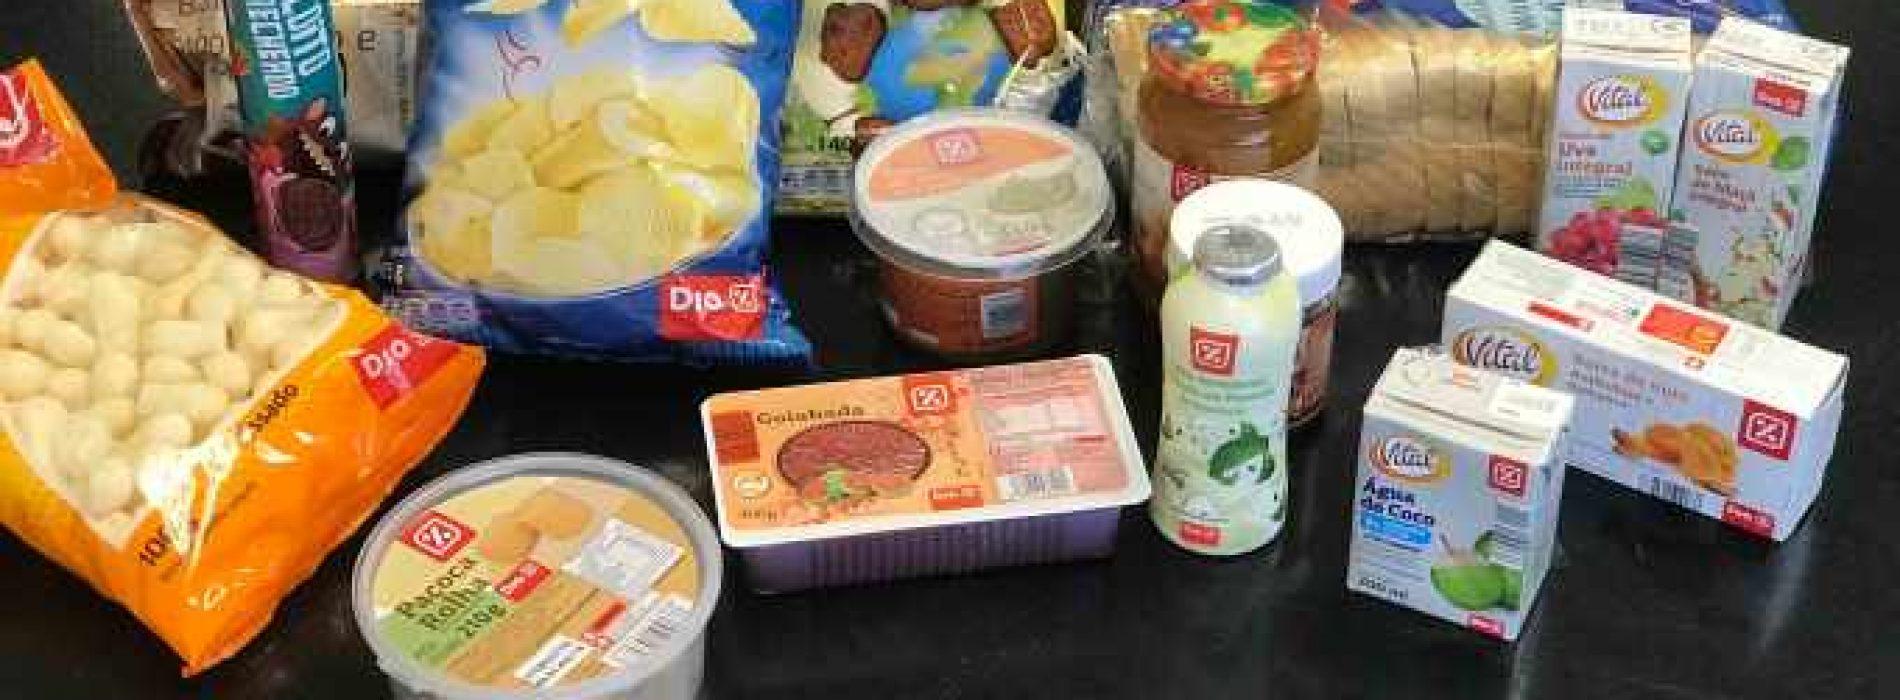 Veja testou os produtos do supermercado Dia%